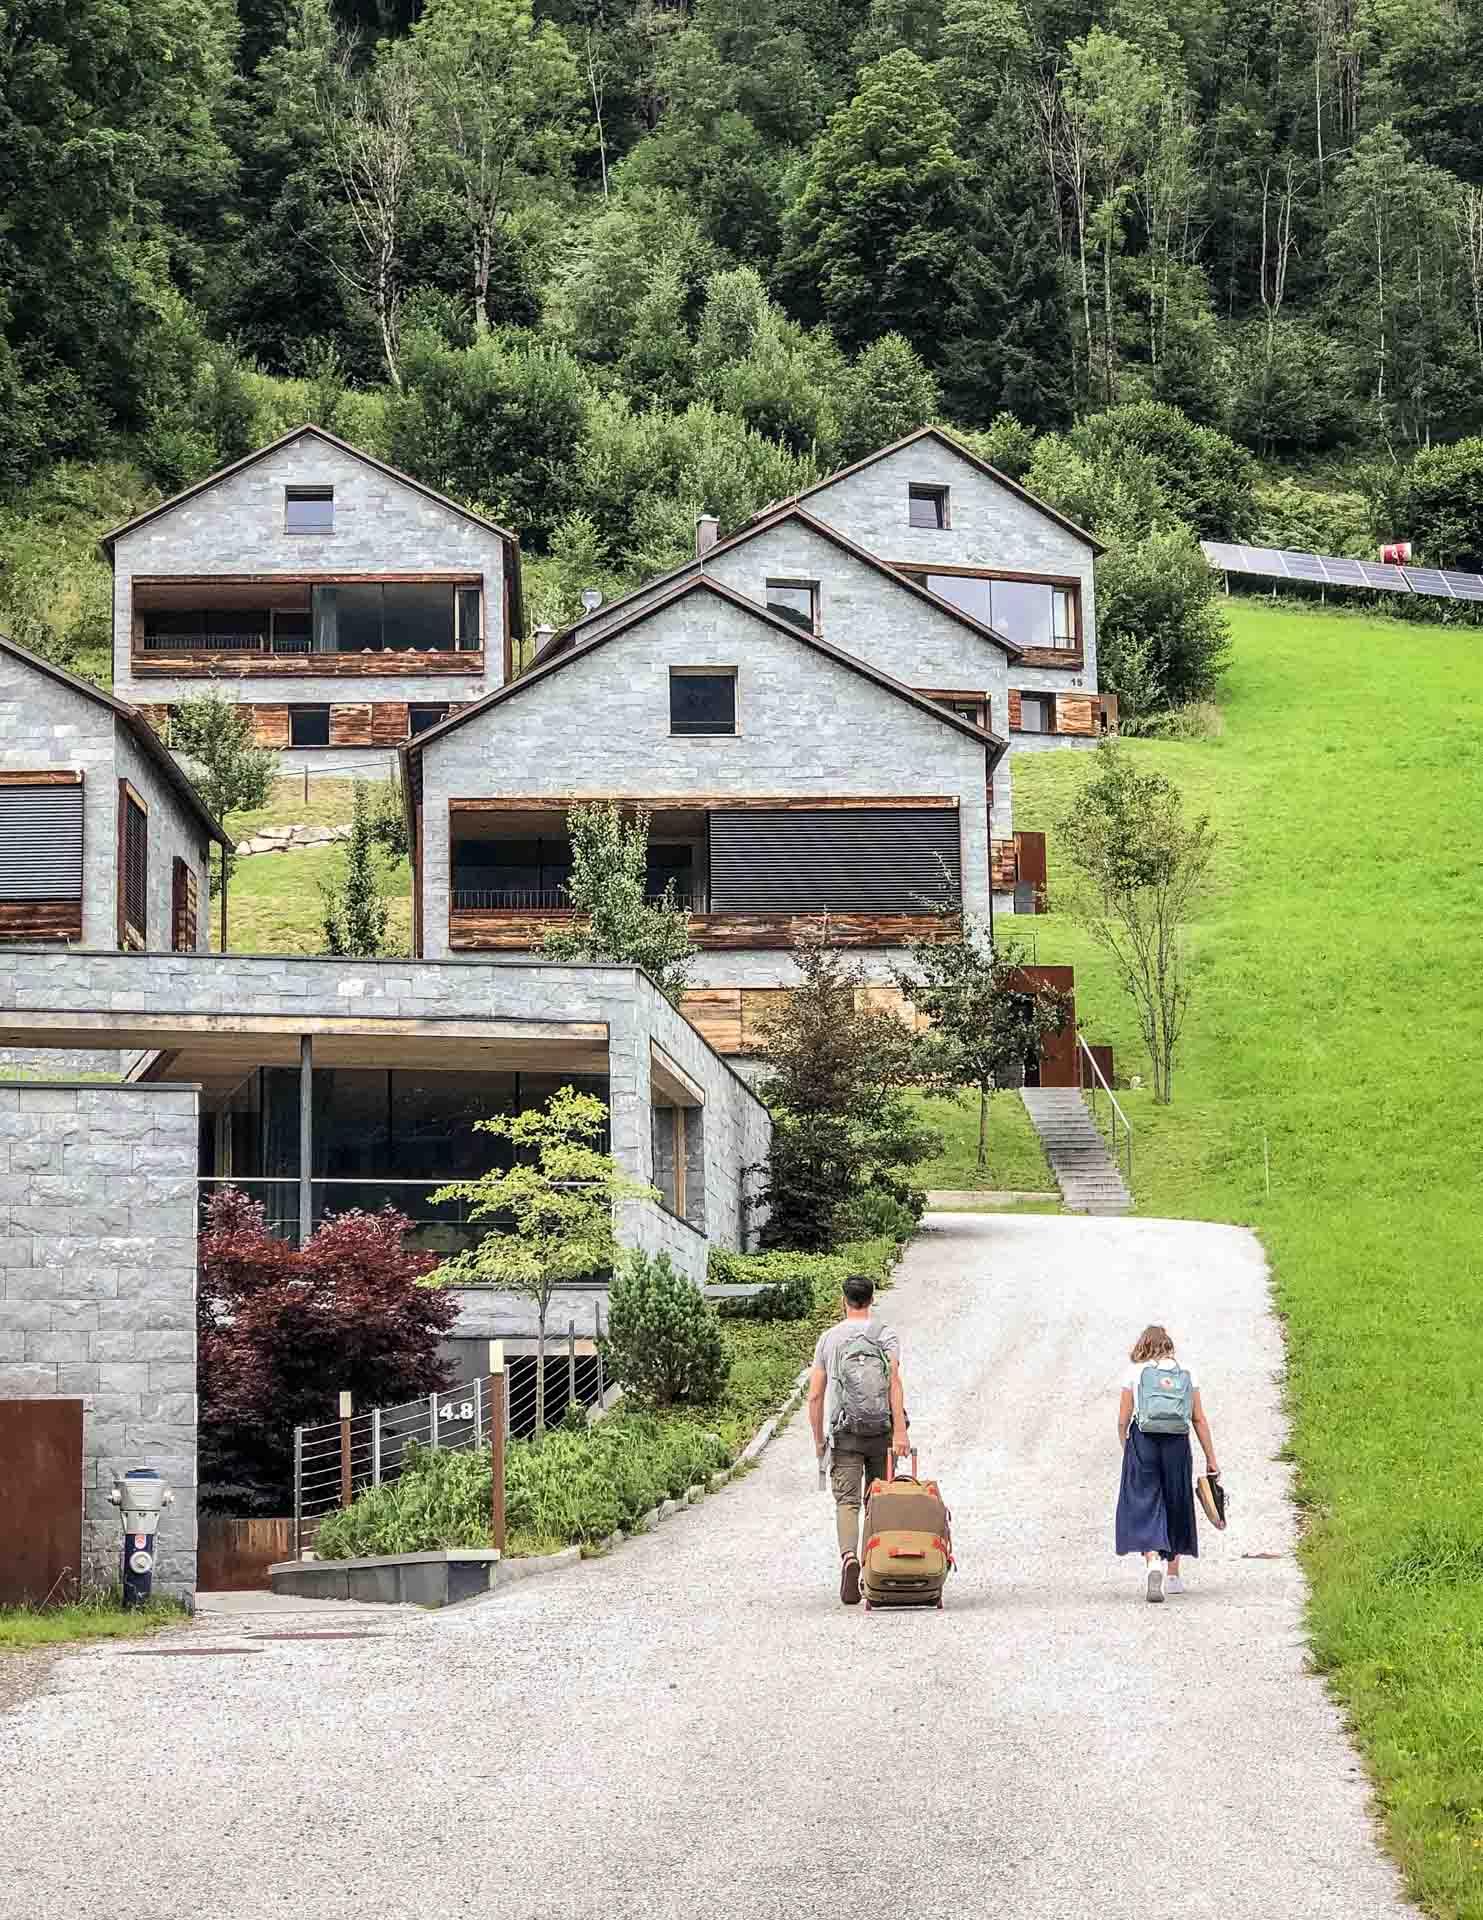 Ferienhaus-Bramber-Wildkogel-Auf-da-Leitn-8-Anlage